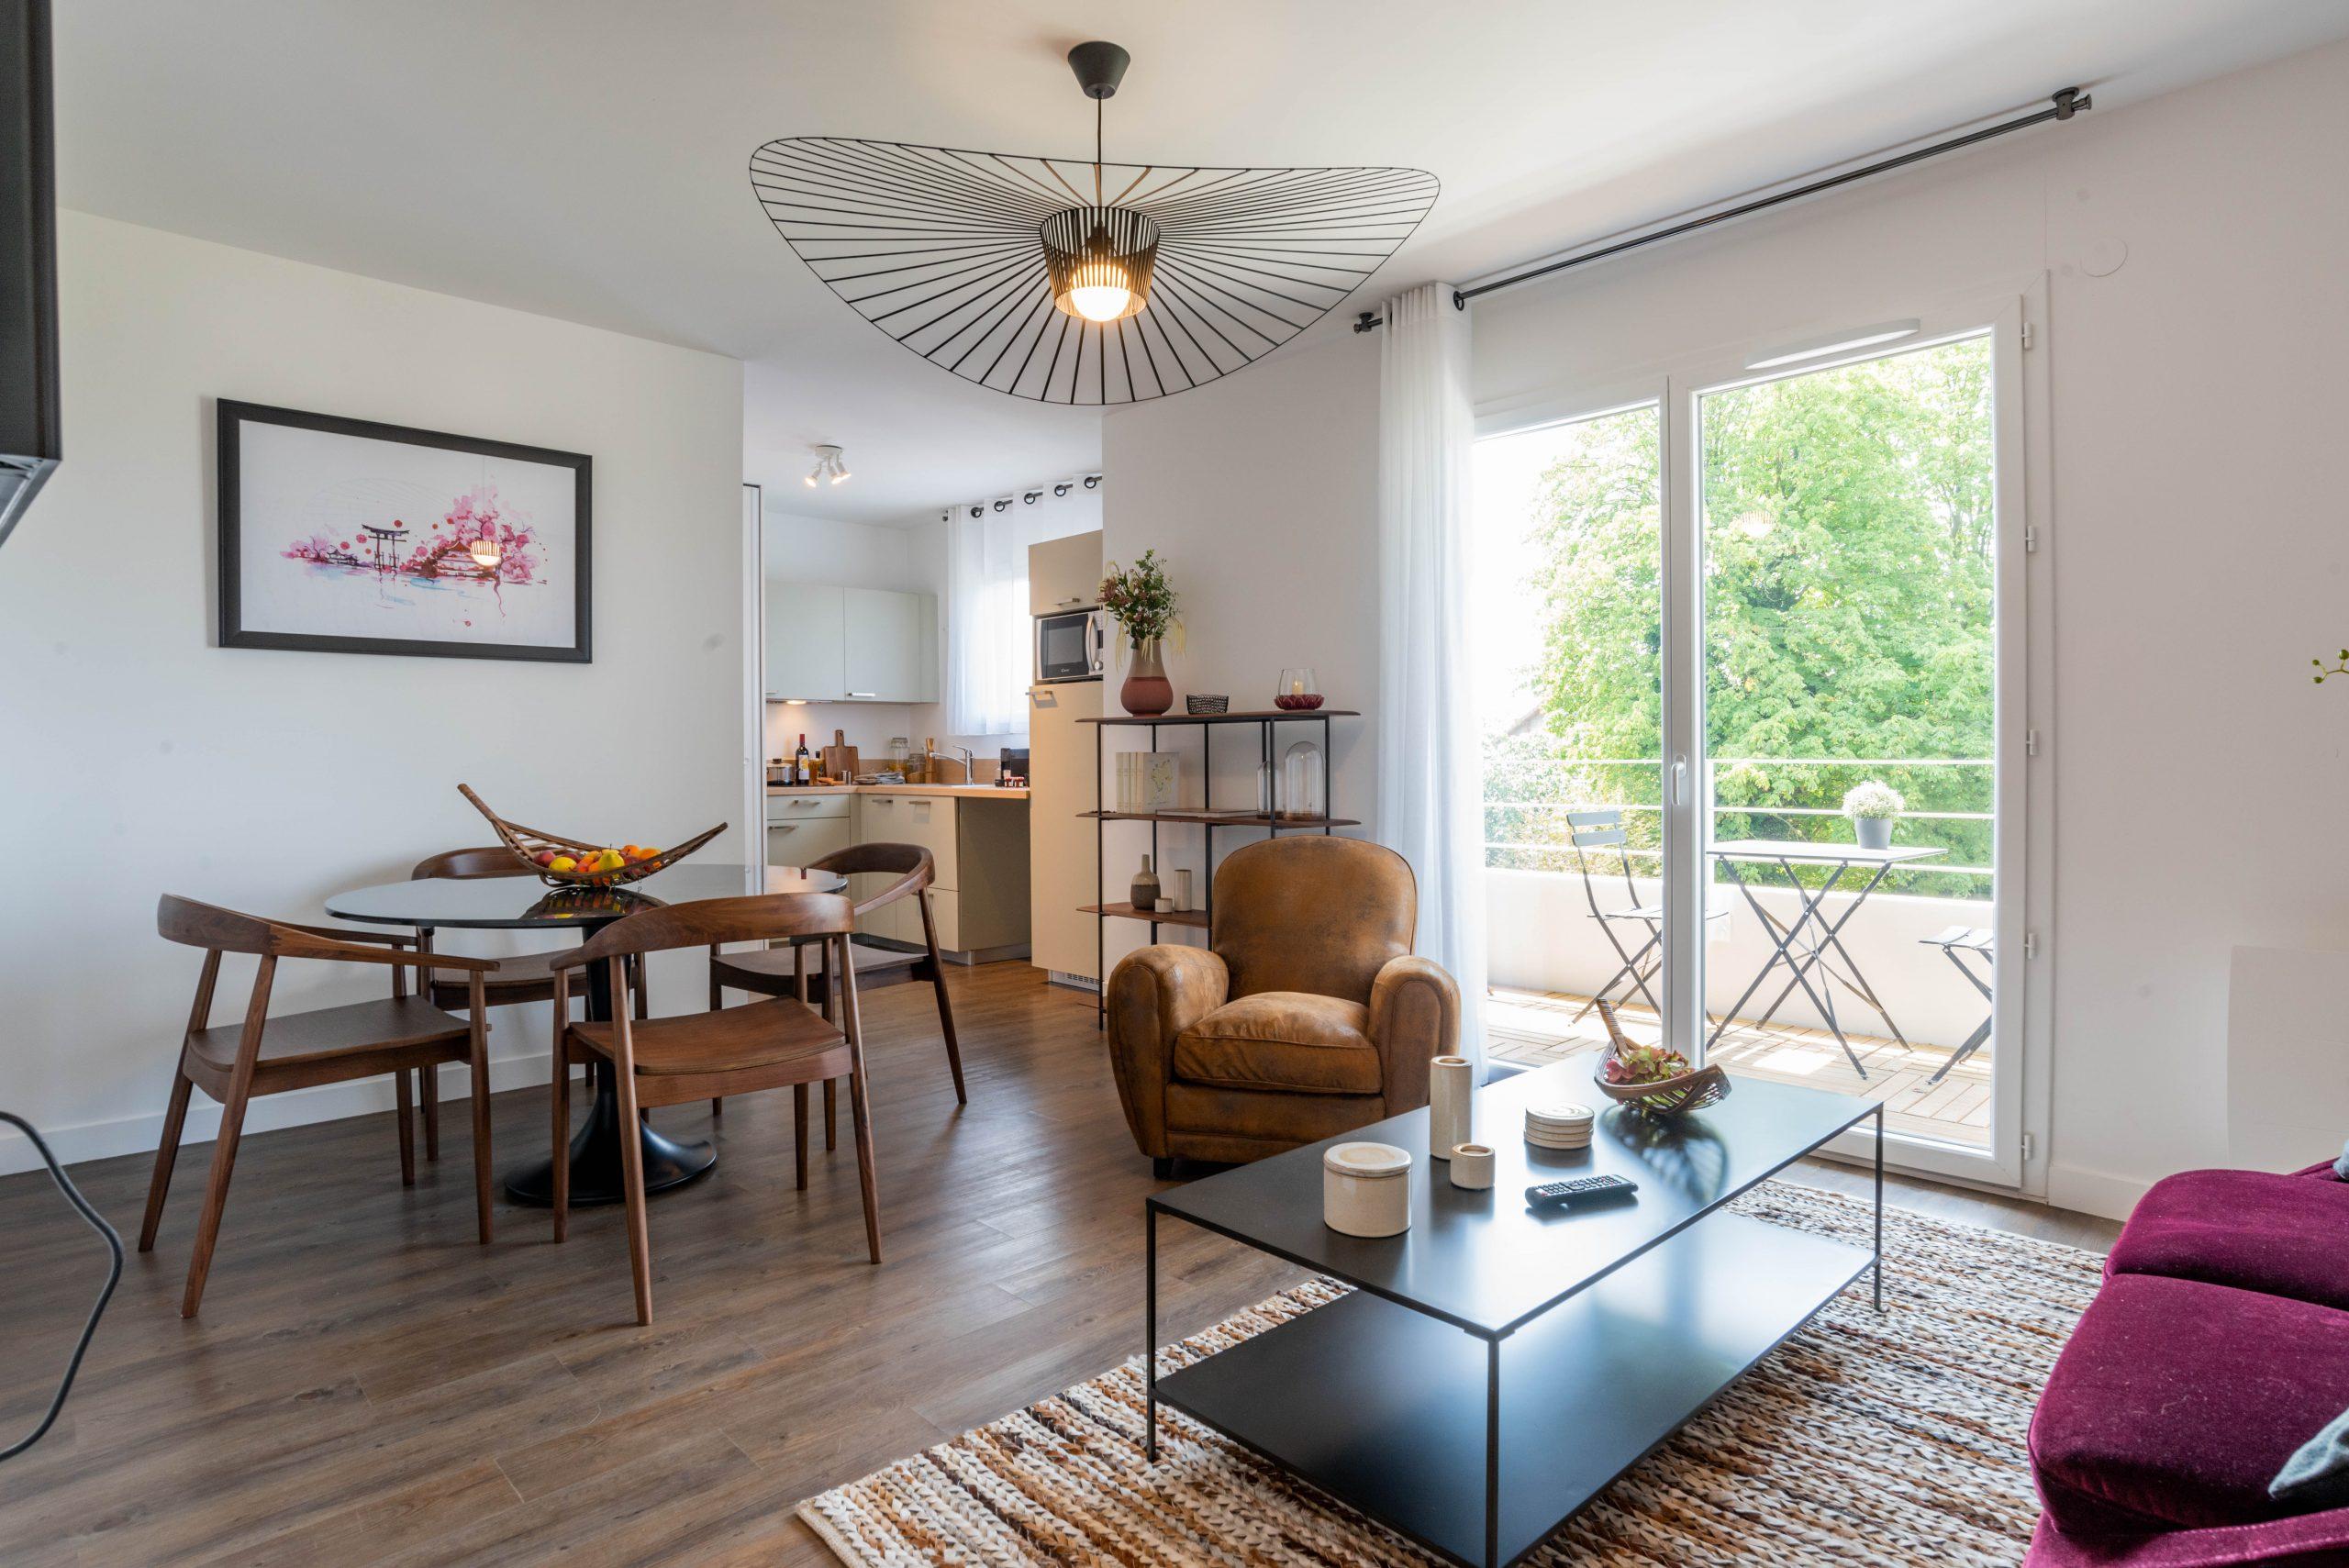 Villa Beausoleil Cormeilles-En-Parisis à Piscine Cormeilles En Parisis